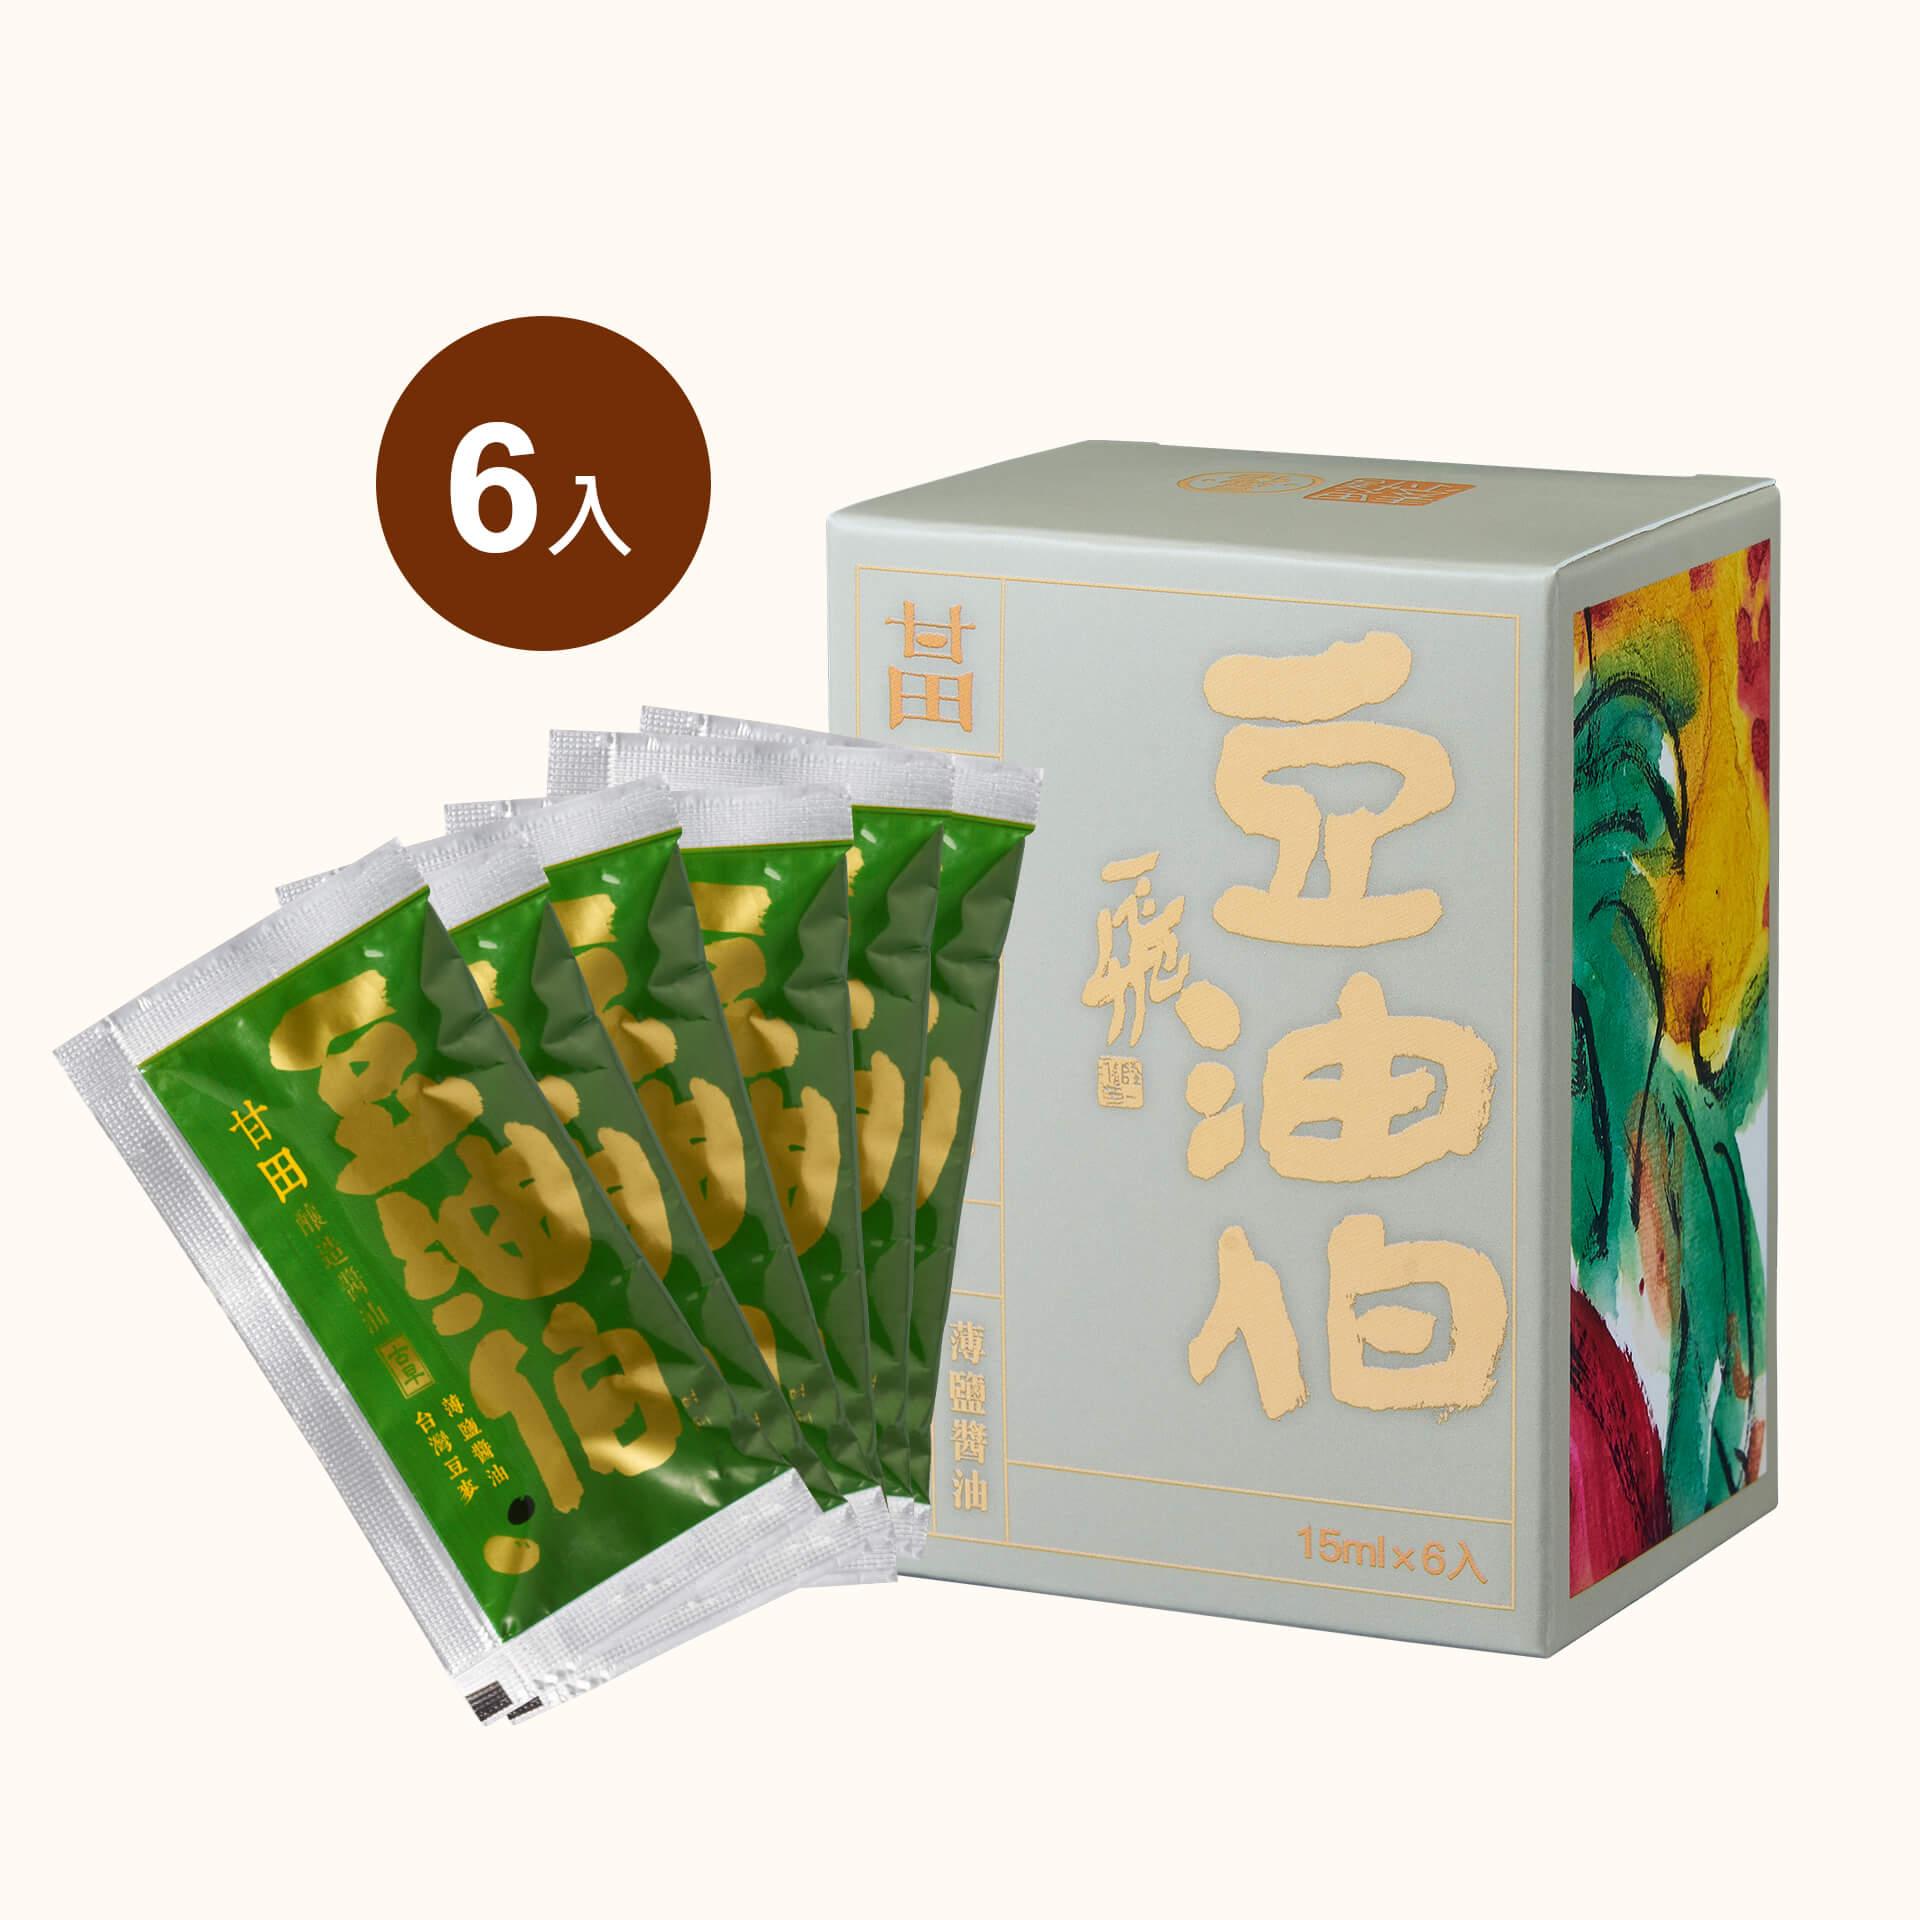 【新品推薦】豆油伯甘田釀造醬油(6入隨身包)